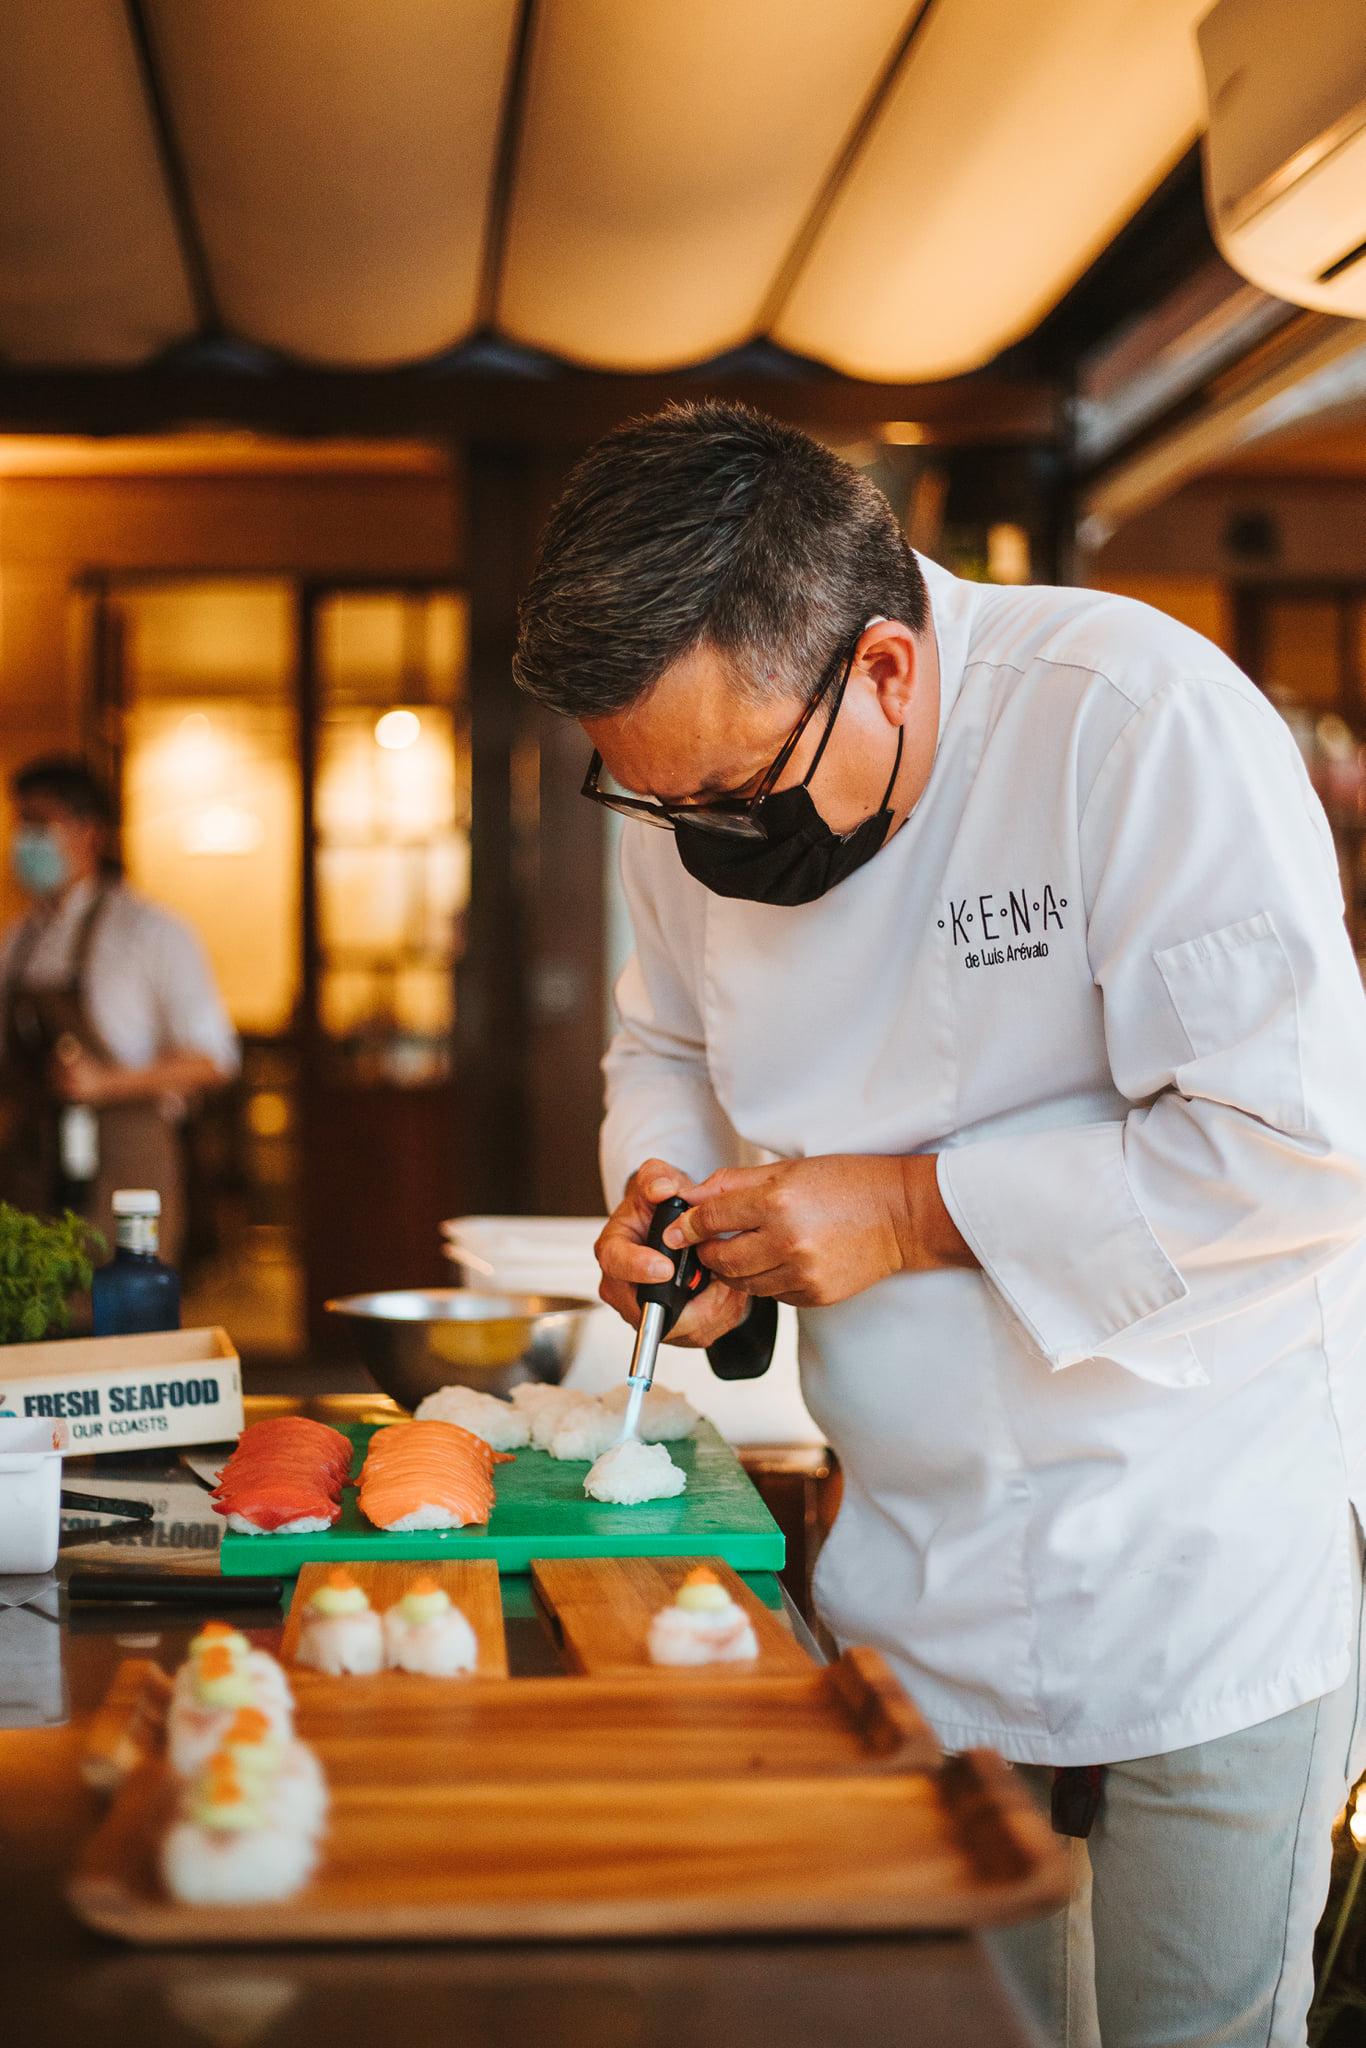 La noche de cocina Nikkei en el restaurante La Violeta, un evento culinario de primer nivel 31